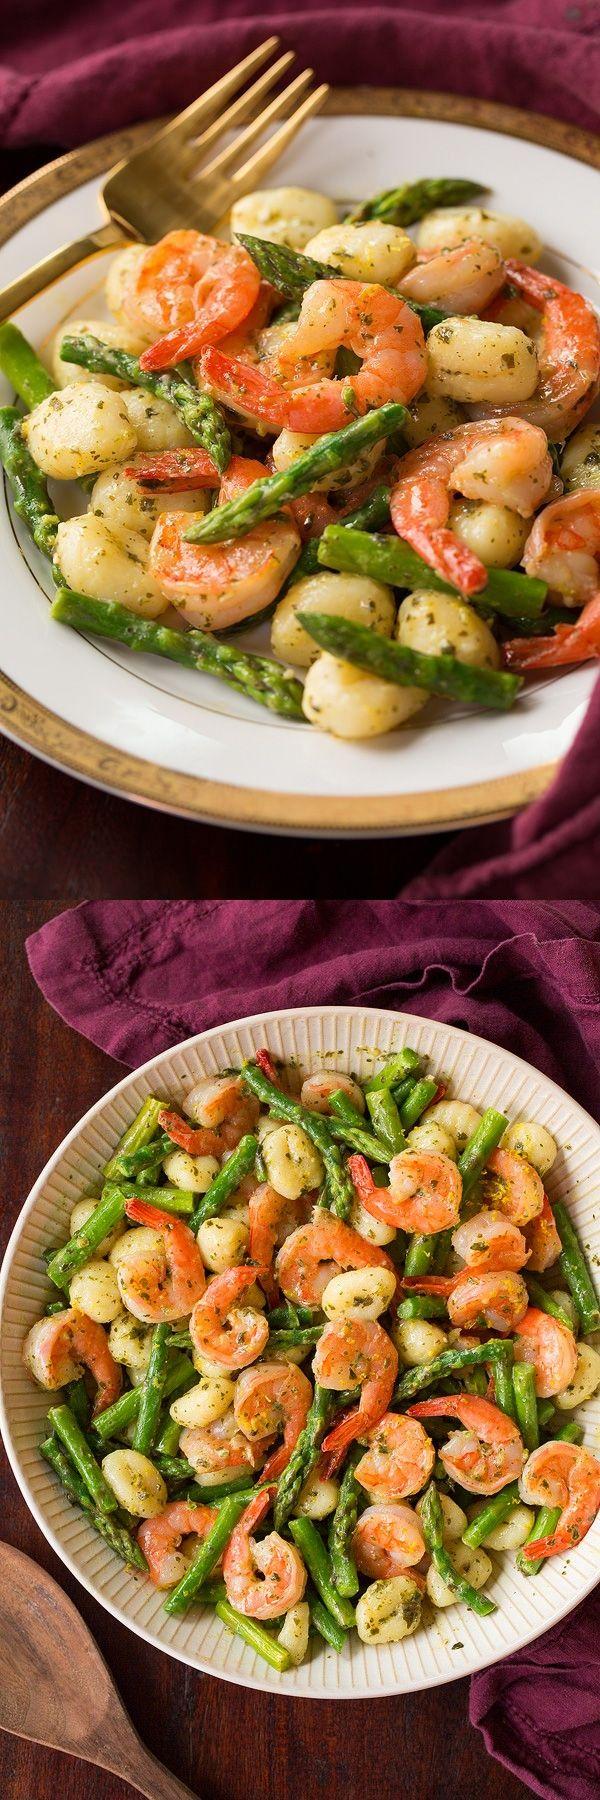 Easy Lemon-Pesto Gnocchi Shrimp and Asapargus